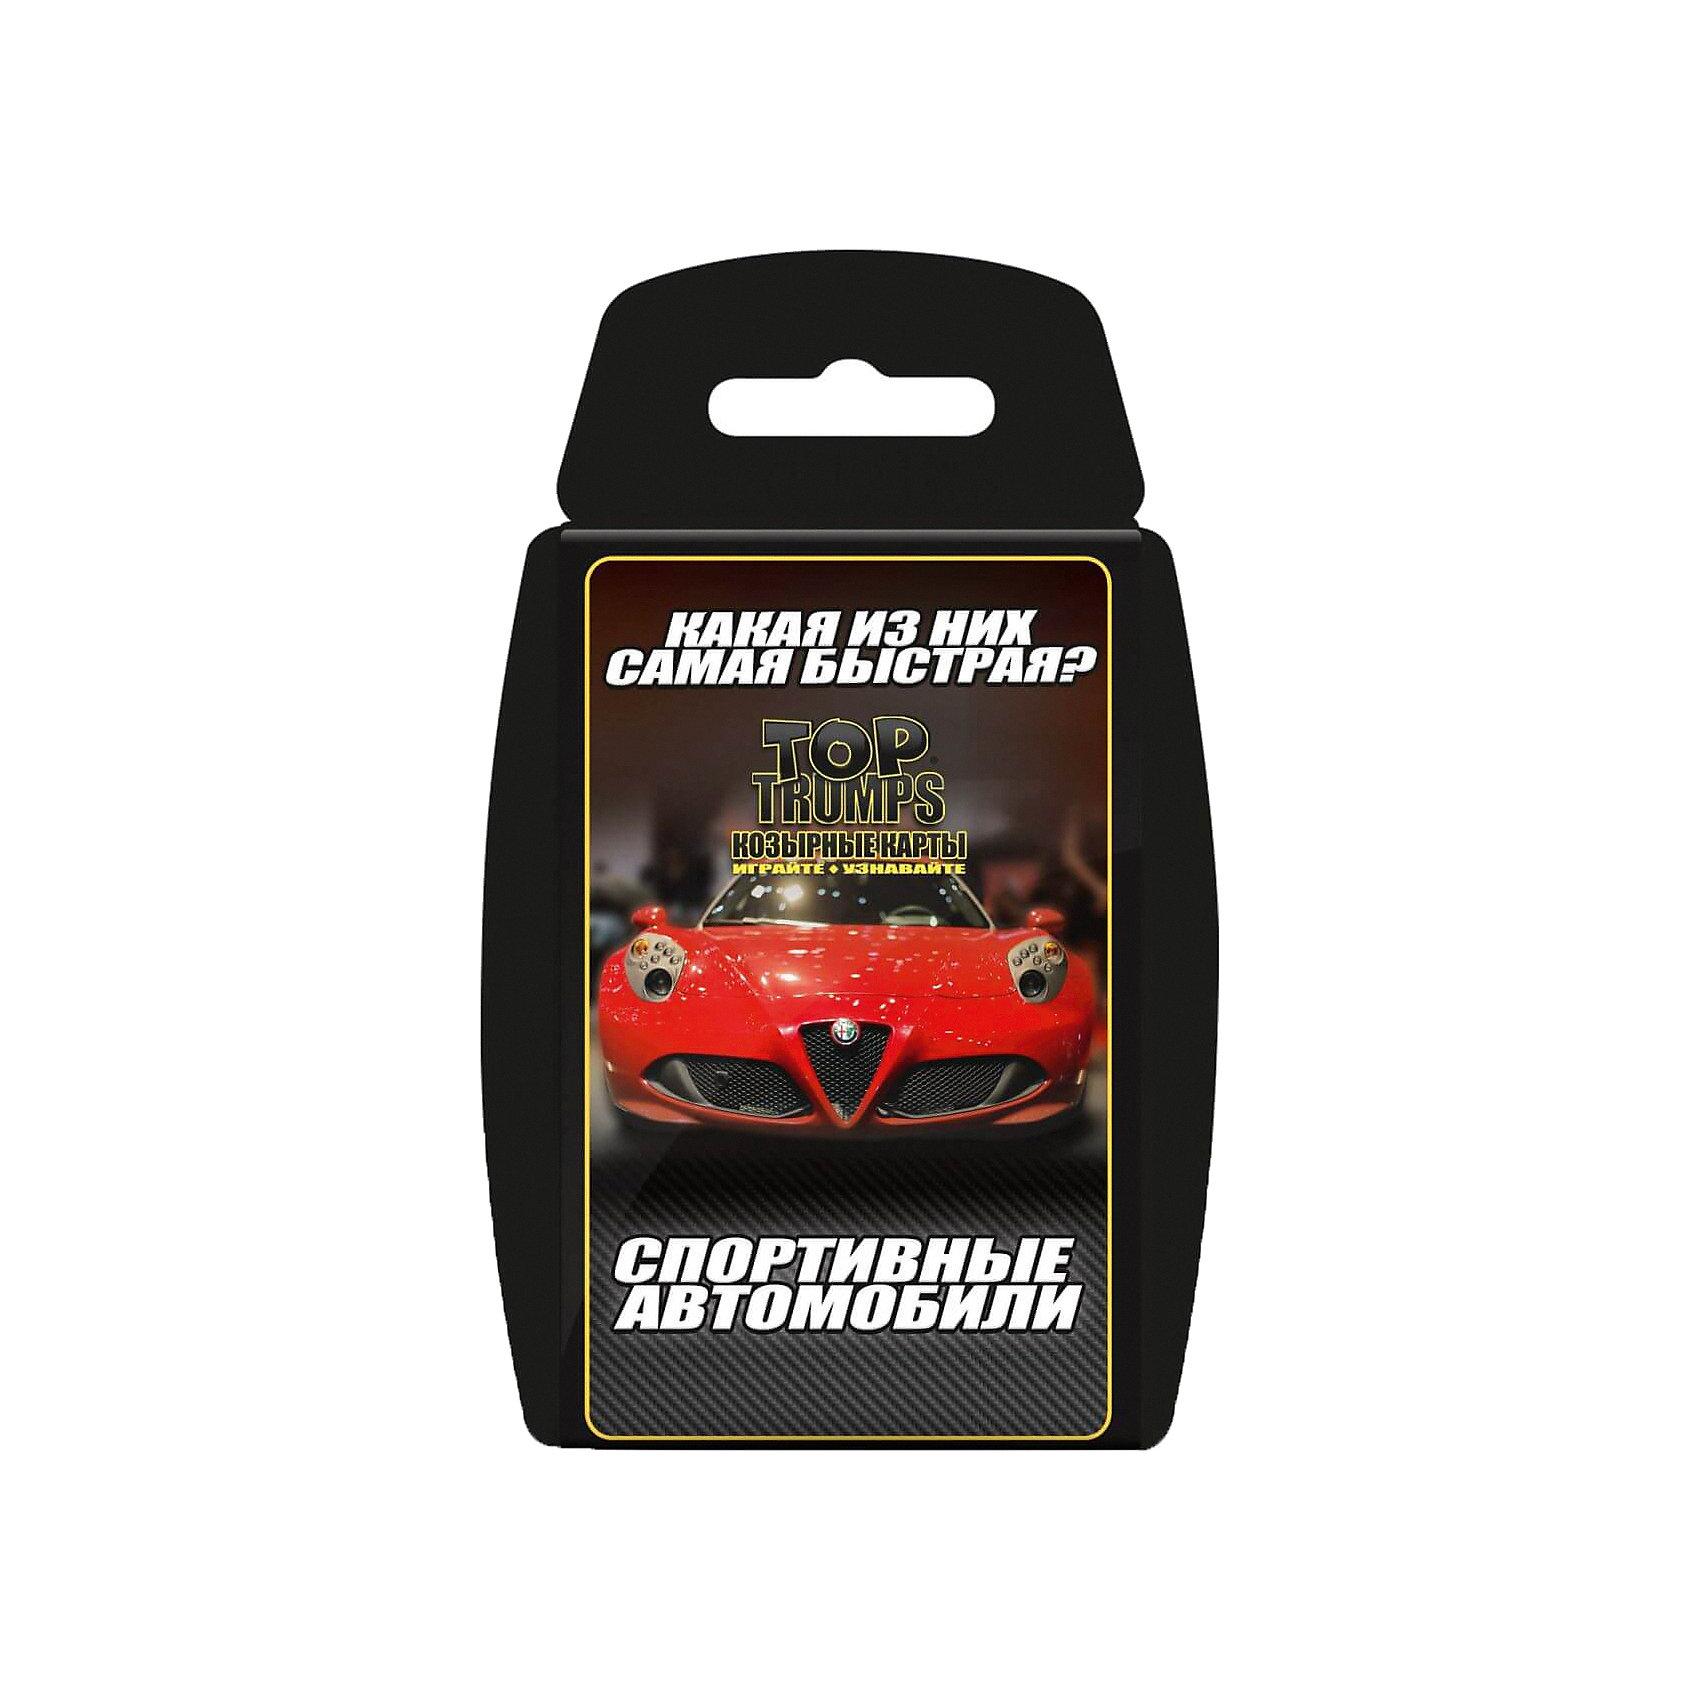 Настольная игра Козырные карты Спортивные автомобили Top TrumpsНастольные игры для всей семьи<br>Что круче: Alfa Romeo 4C или Ferrari? Кто кого «сделает» на треке: Ariel Atom или Audi R8? Колода «Козырных карт», посвящённая спортивным машинам, предлагает тебе найти ответы на все эти вопросы!Тебя ждут:• Больше тридцати ярких и красивых карточек;• Самые интересные факты о машинах. Ты знал, что Mazda RX-8 – это первая машина, в которой использовался роторный двигатель? А что она получила больше 40 международных наград? Играй в «Козырные карты» и узнавай про автомобили больше!• Очень простой, динамичный и увлекательный геймплей;• Классные фотографии действительно крутых автомобилей!На каждой карте колоды есть пять характеристик: максимальная скорость, объём двигателя, год выпуска, инновационность и степень крутости. Твоя задача в том, чтобы понять, по какому параметру твоя карточка лучше, чем карты оппонентов. Если угадал, им придётся отдать свои карты тебе. Собери весь гараж!<br><br>Ширина мм: 85<br>Глубина мм: 15<br>Высота мм: 135<br>Вес г: 100<br>Возраст от месяцев: 72<br>Возраст до месяцев: 2147483647<br>Пол: Унисекс<br>Возраст: Детский<br>SKU: 7041190